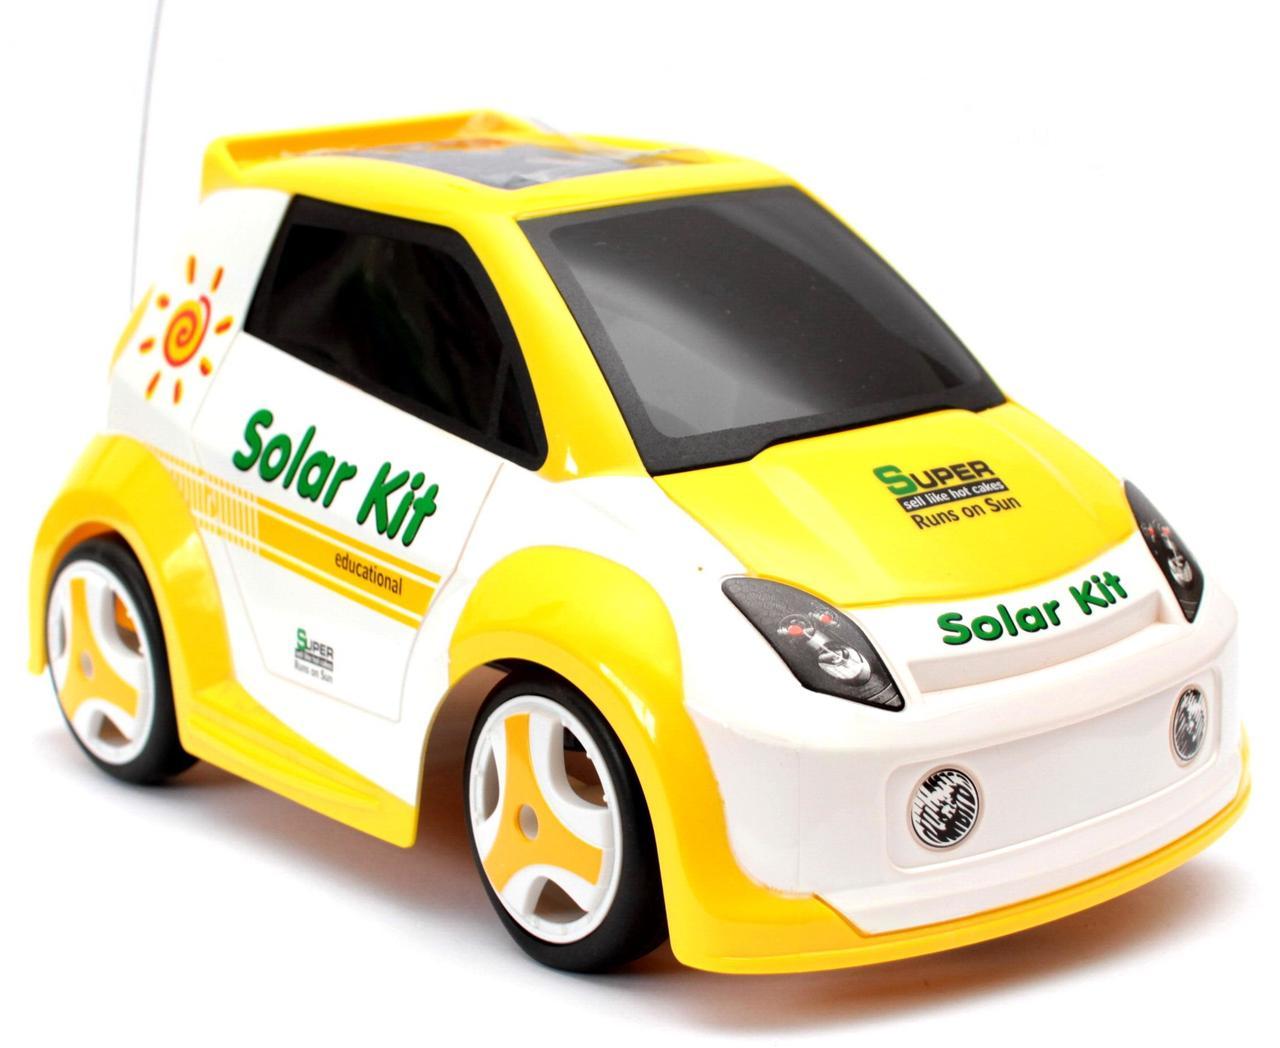 Автомобиль на солнечной батарее Solar Powered EcoMobile с пультом радиоуправления (CSL 2065)